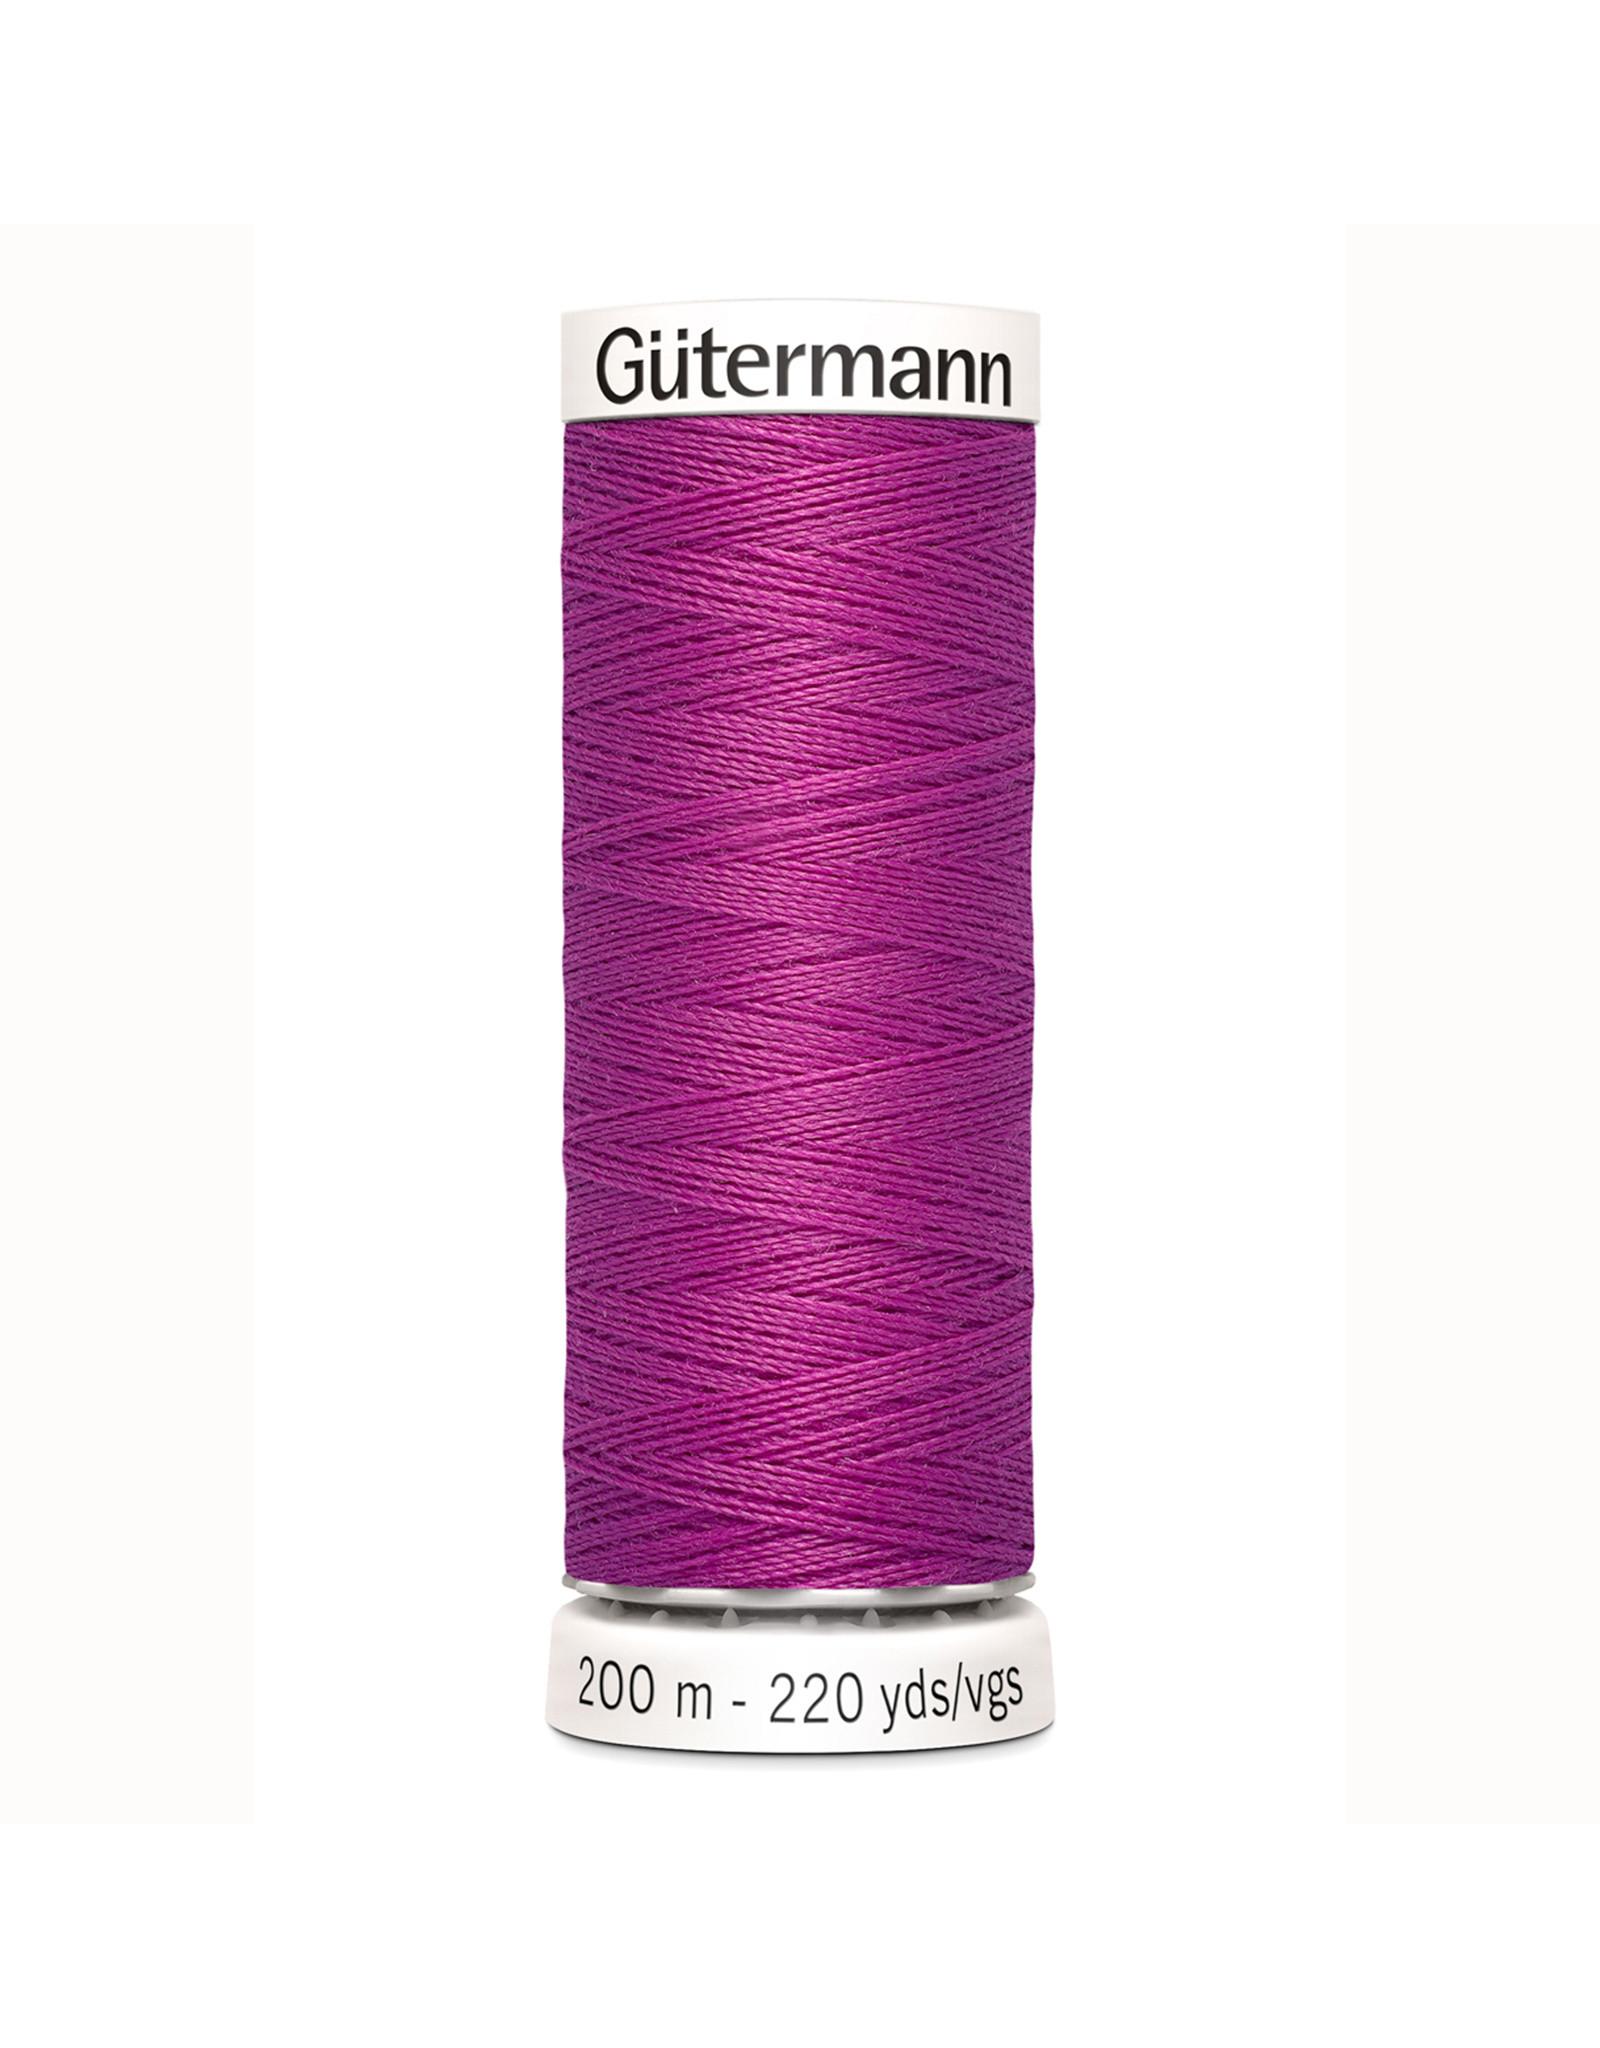 Gütermann Gütermann Nähgarn 200 m - nr 321